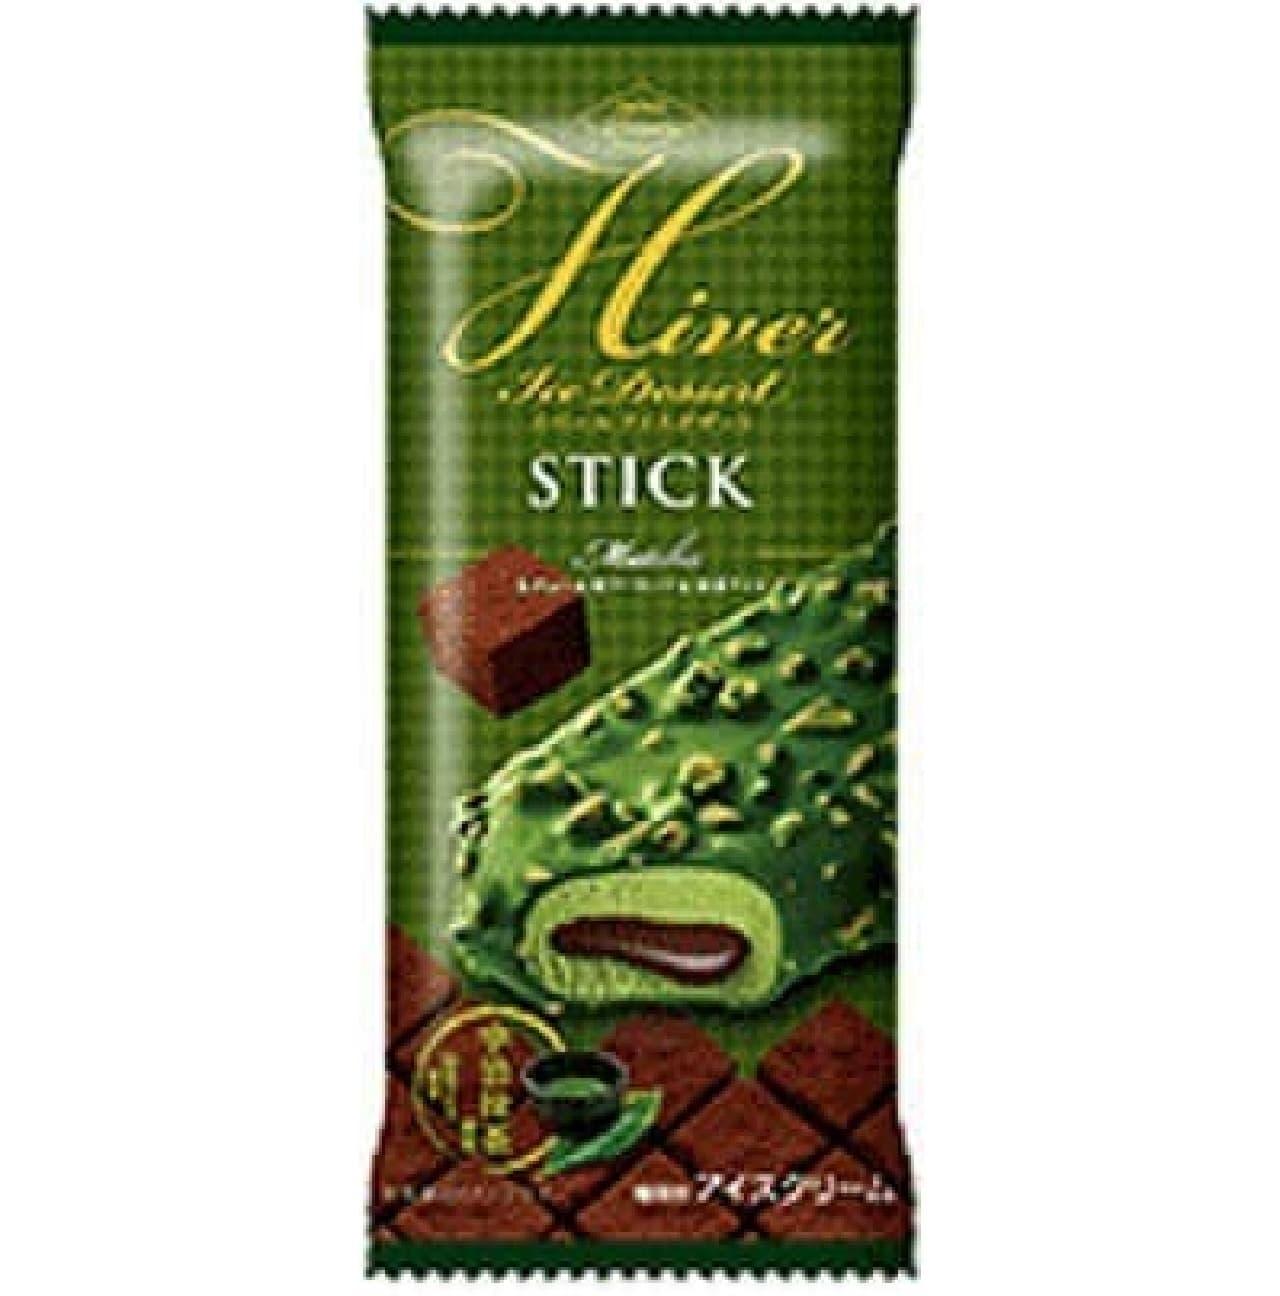 イベールアイスデザート スティック抹茶 アイス新商品